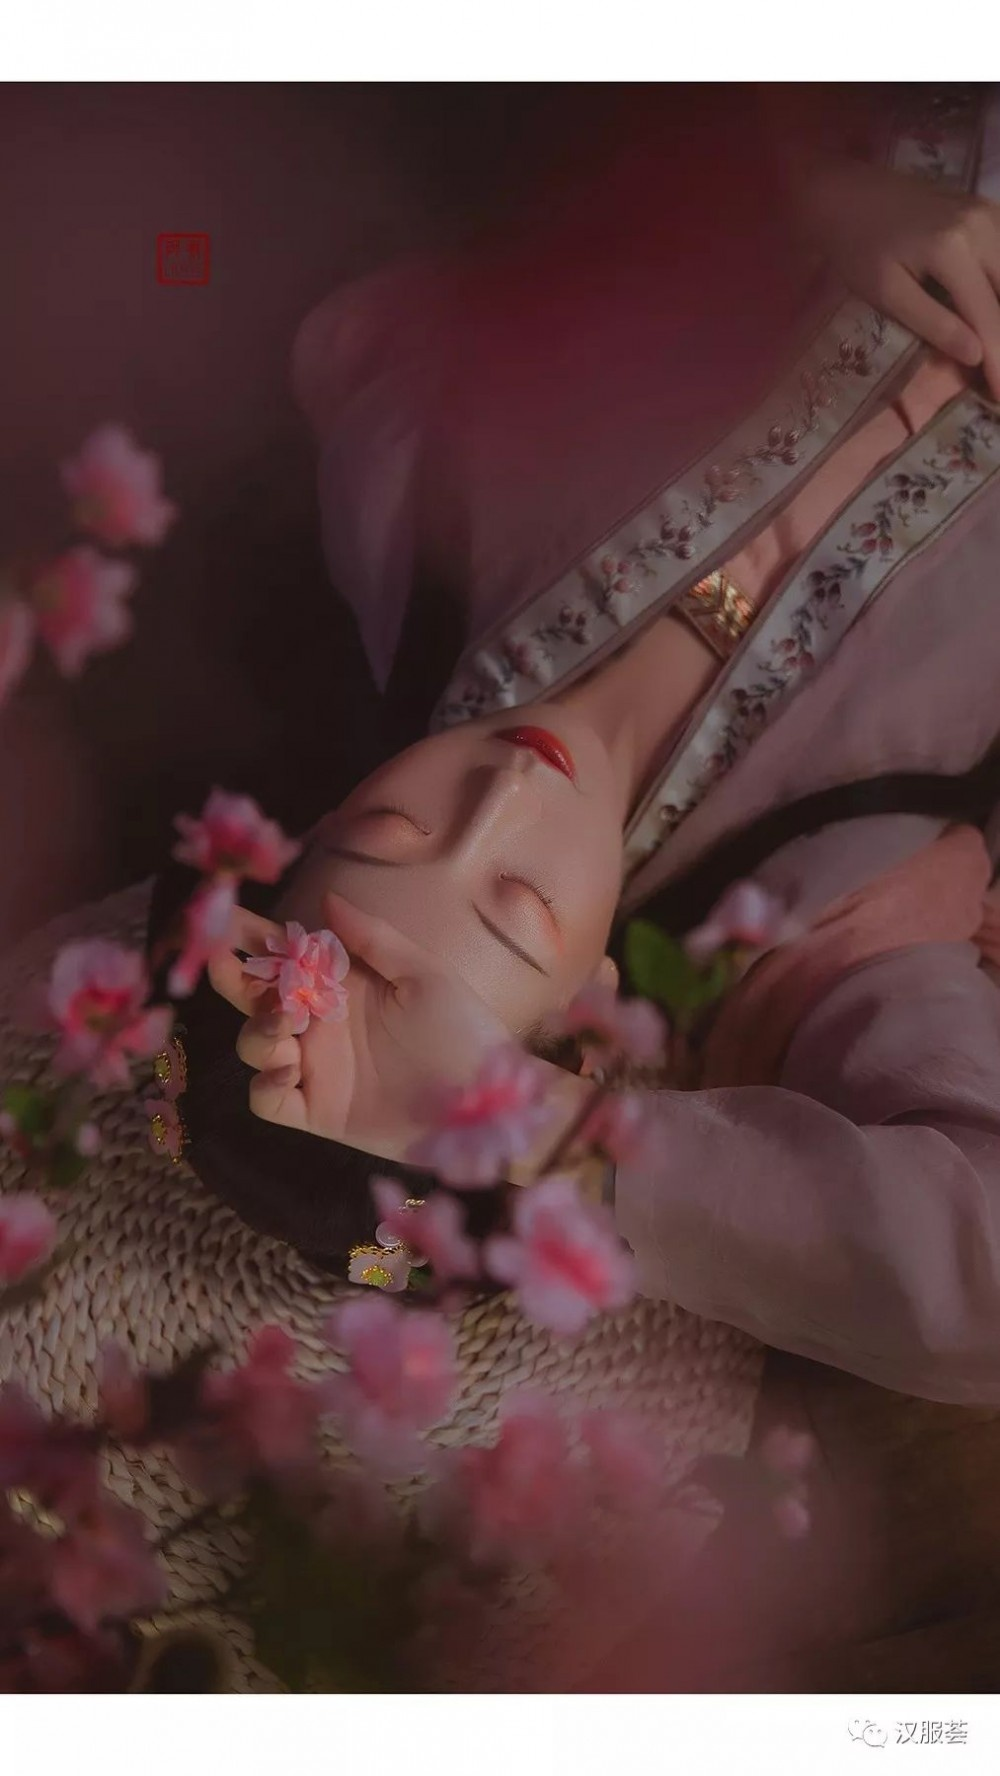 【汉服仕女】蹙眉远山含黛,微嗔春来早